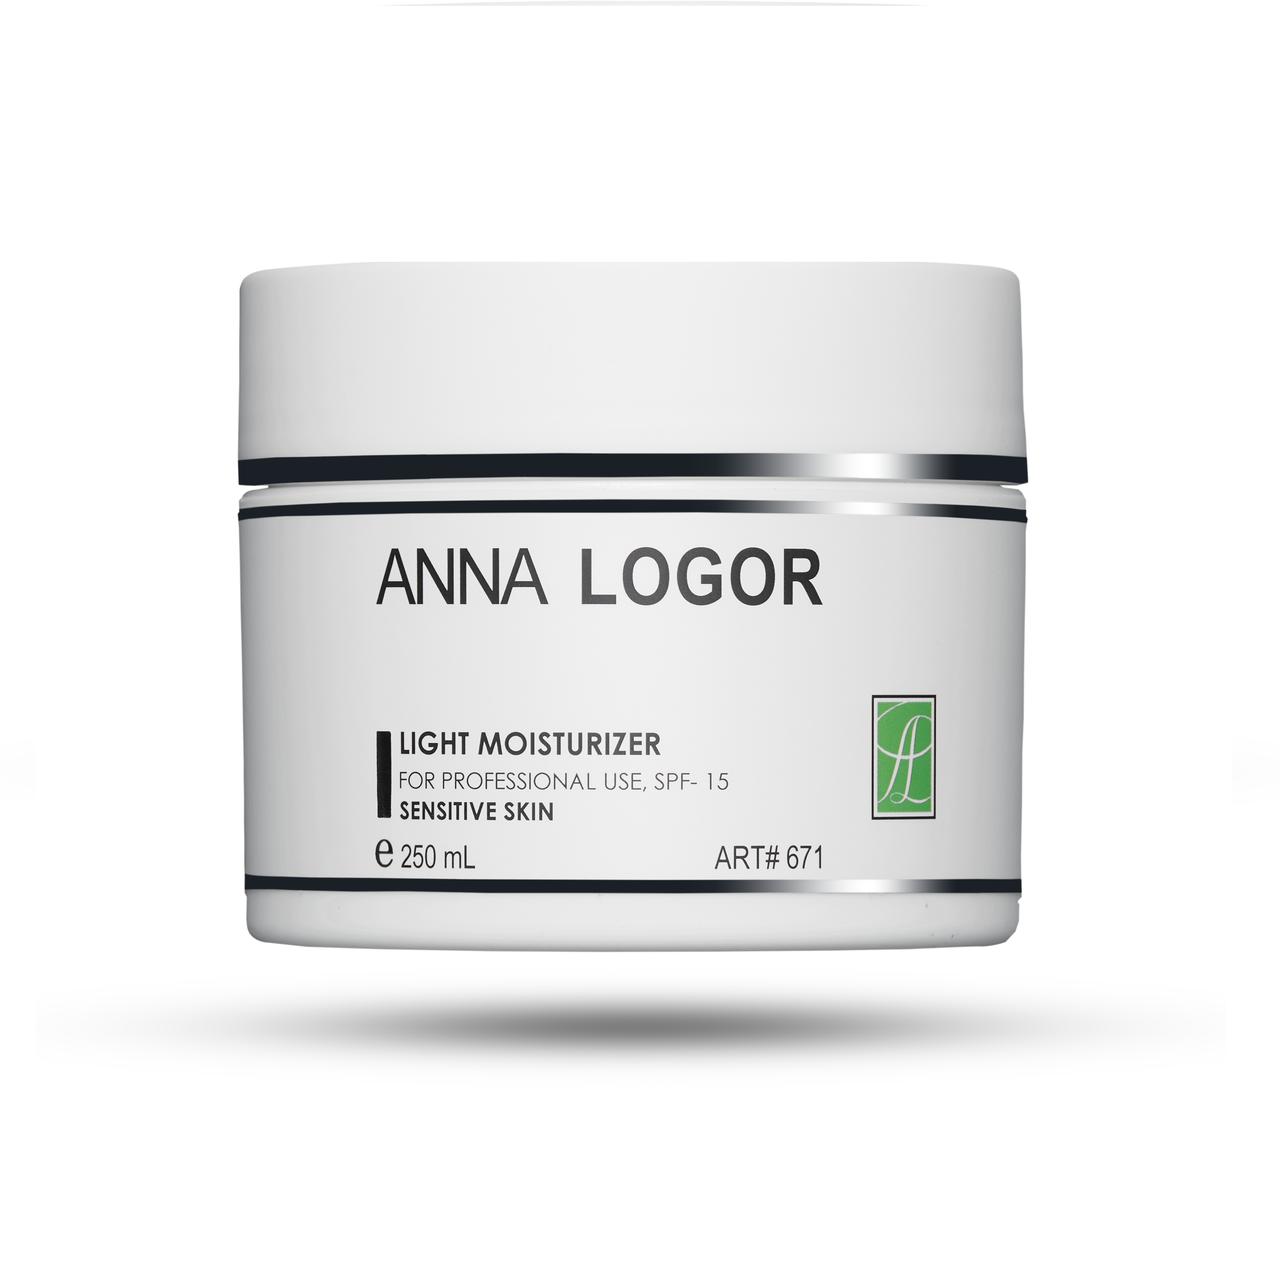 Легкий крем для чутливої шкіри Анна Логор / Anna Logor Light Moisturizer for Sensitive Skin 250 мл Код 671